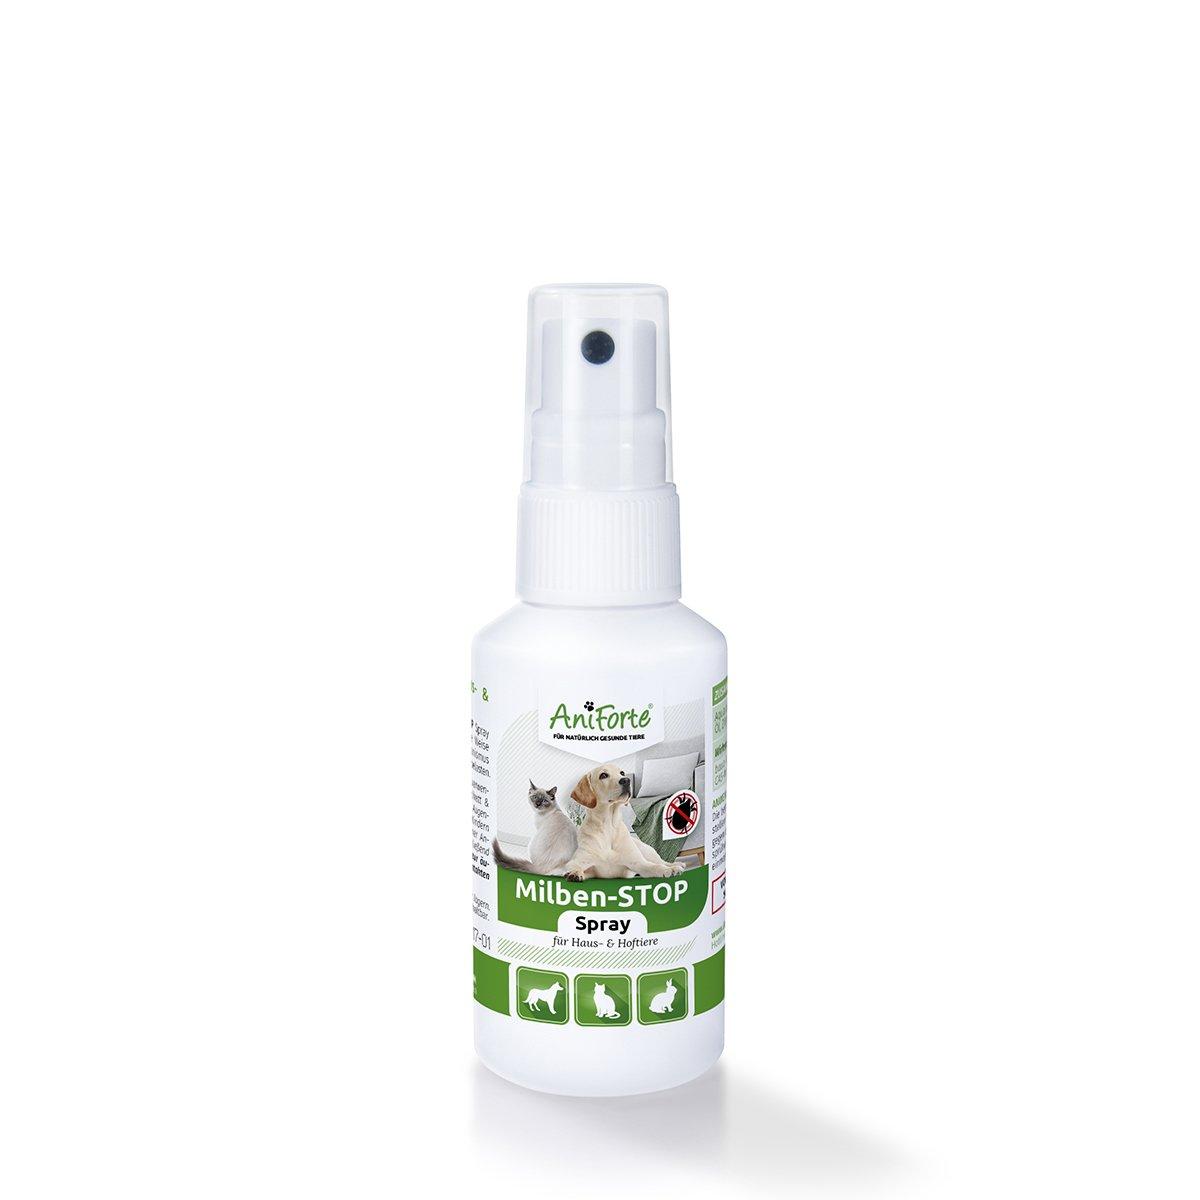 aniforte milben stop spray 50 ml katzen hunde haus und. Black Bedroom Furniture Sets. Home Design Ideas